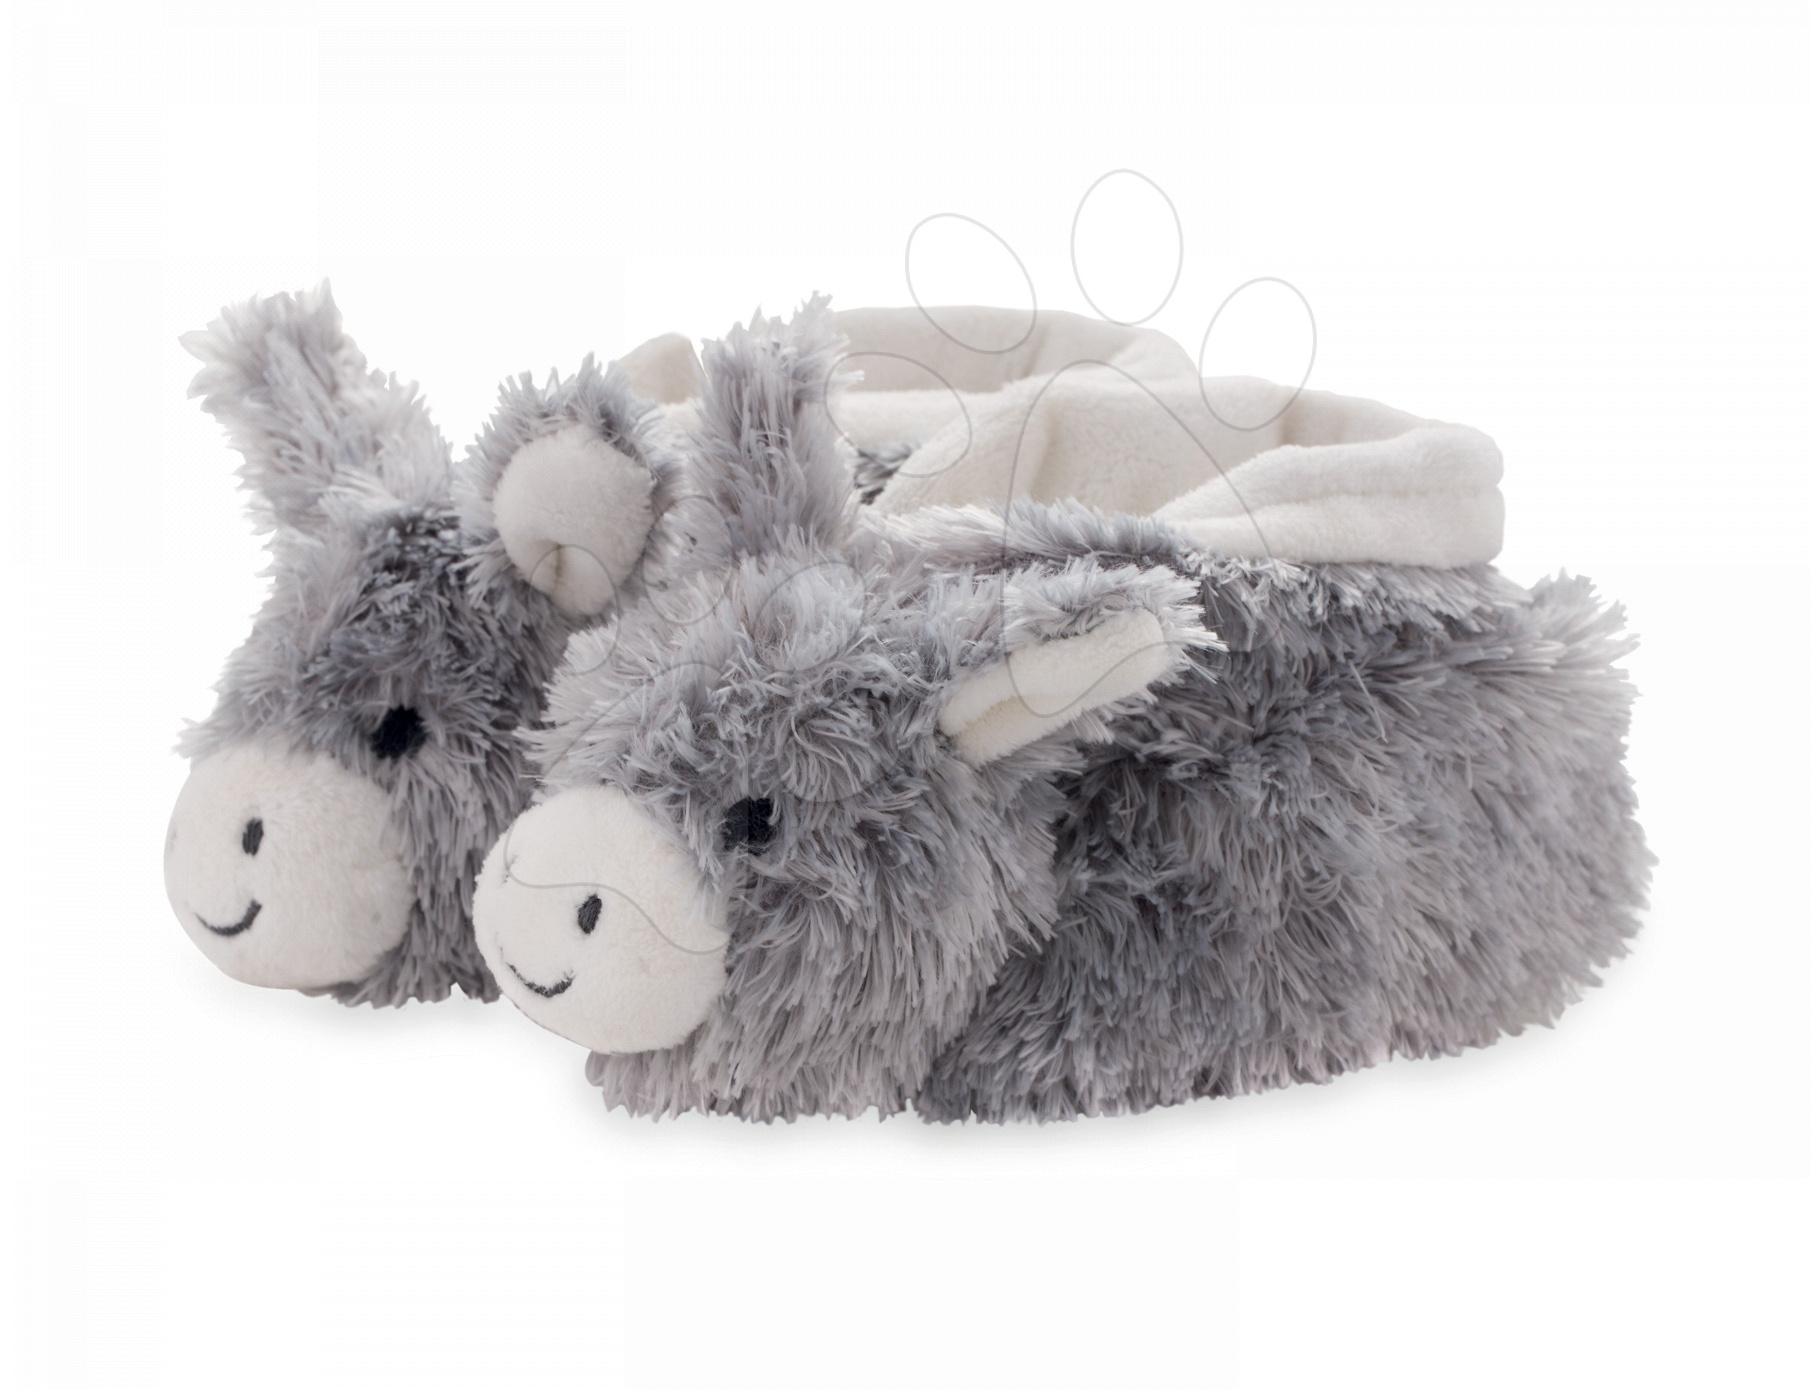 Kaloo plyšové papučky somárik Les Amis 962983 krémovo-šedé